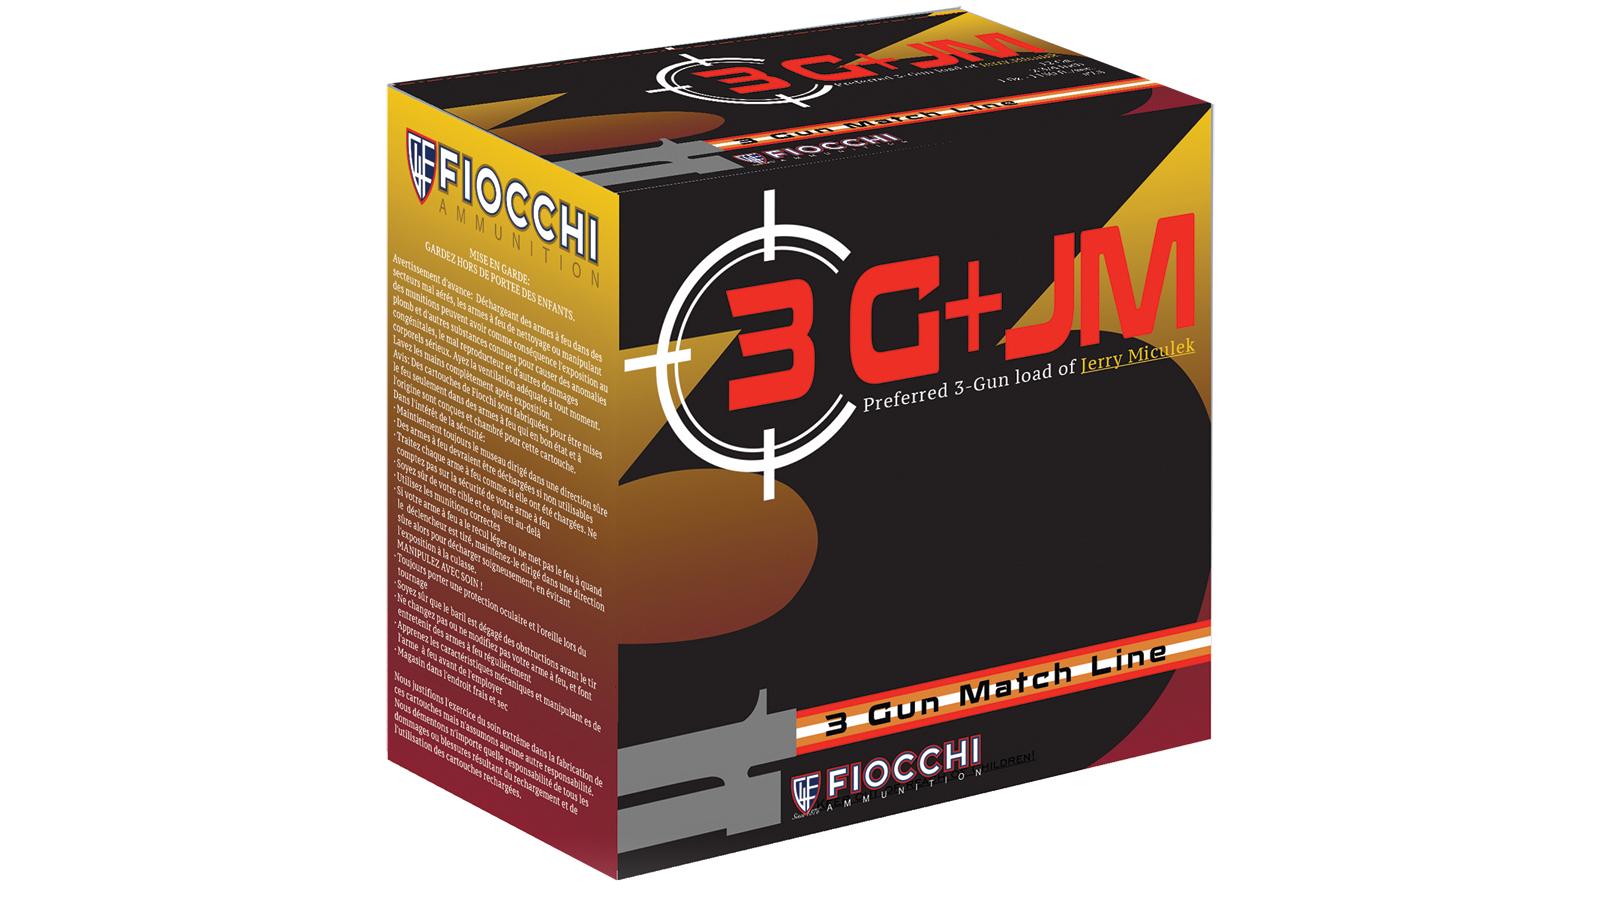 Fiocchi Ammo 12DH3G75 3 Gun 12 Gauge Match 2 3|4 in. , 7 1|2 Shot, 1 1|8 oz, Per 25